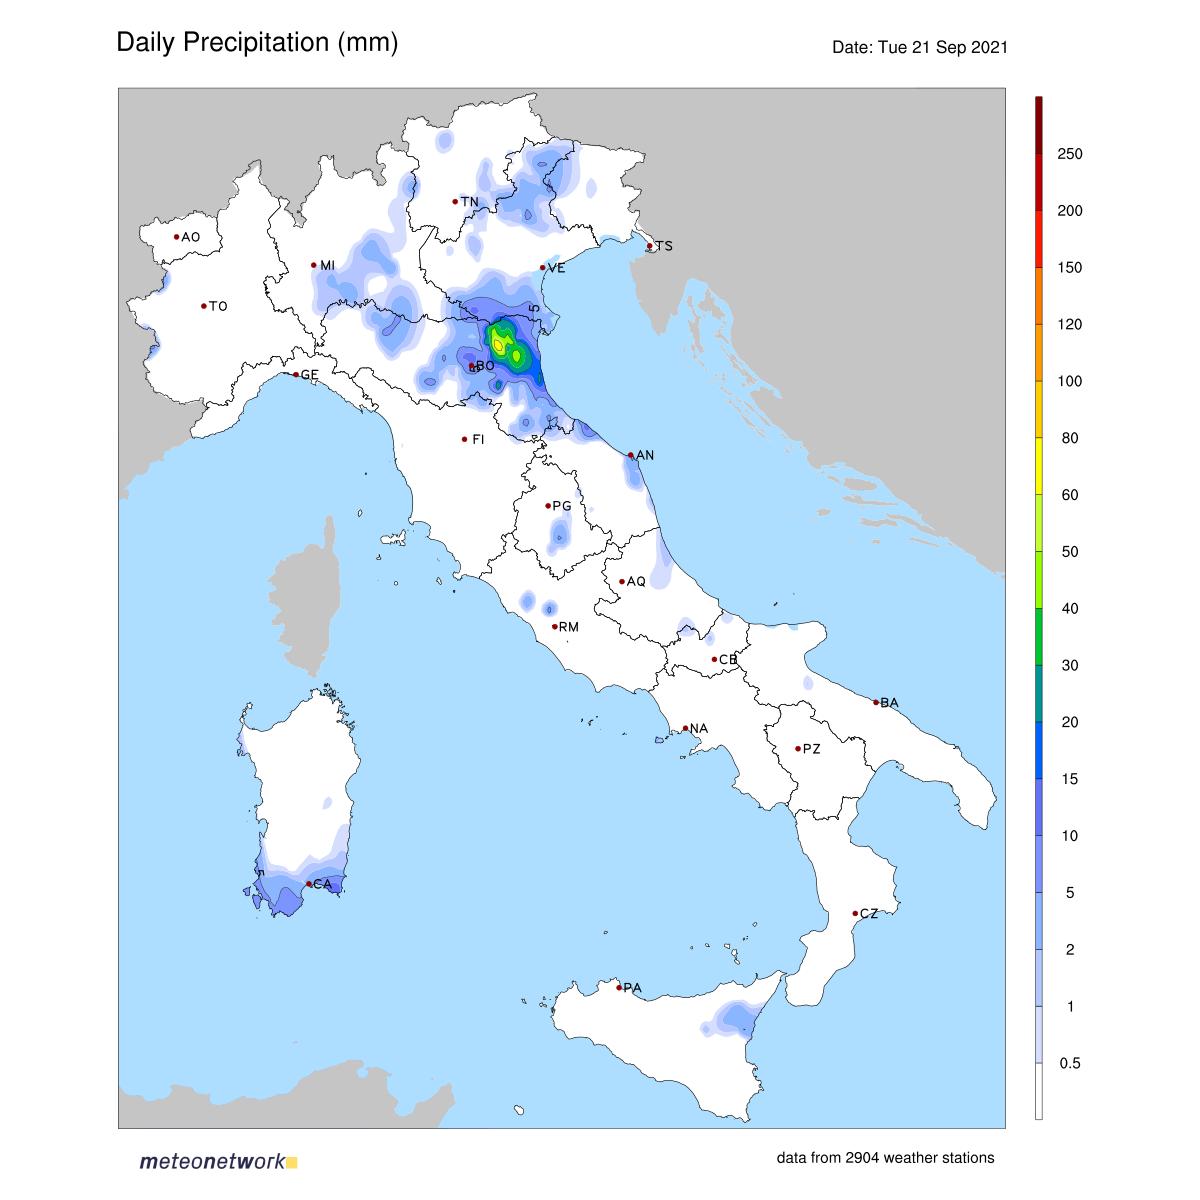 Dati Meteo 2021-09-21 prec_italia